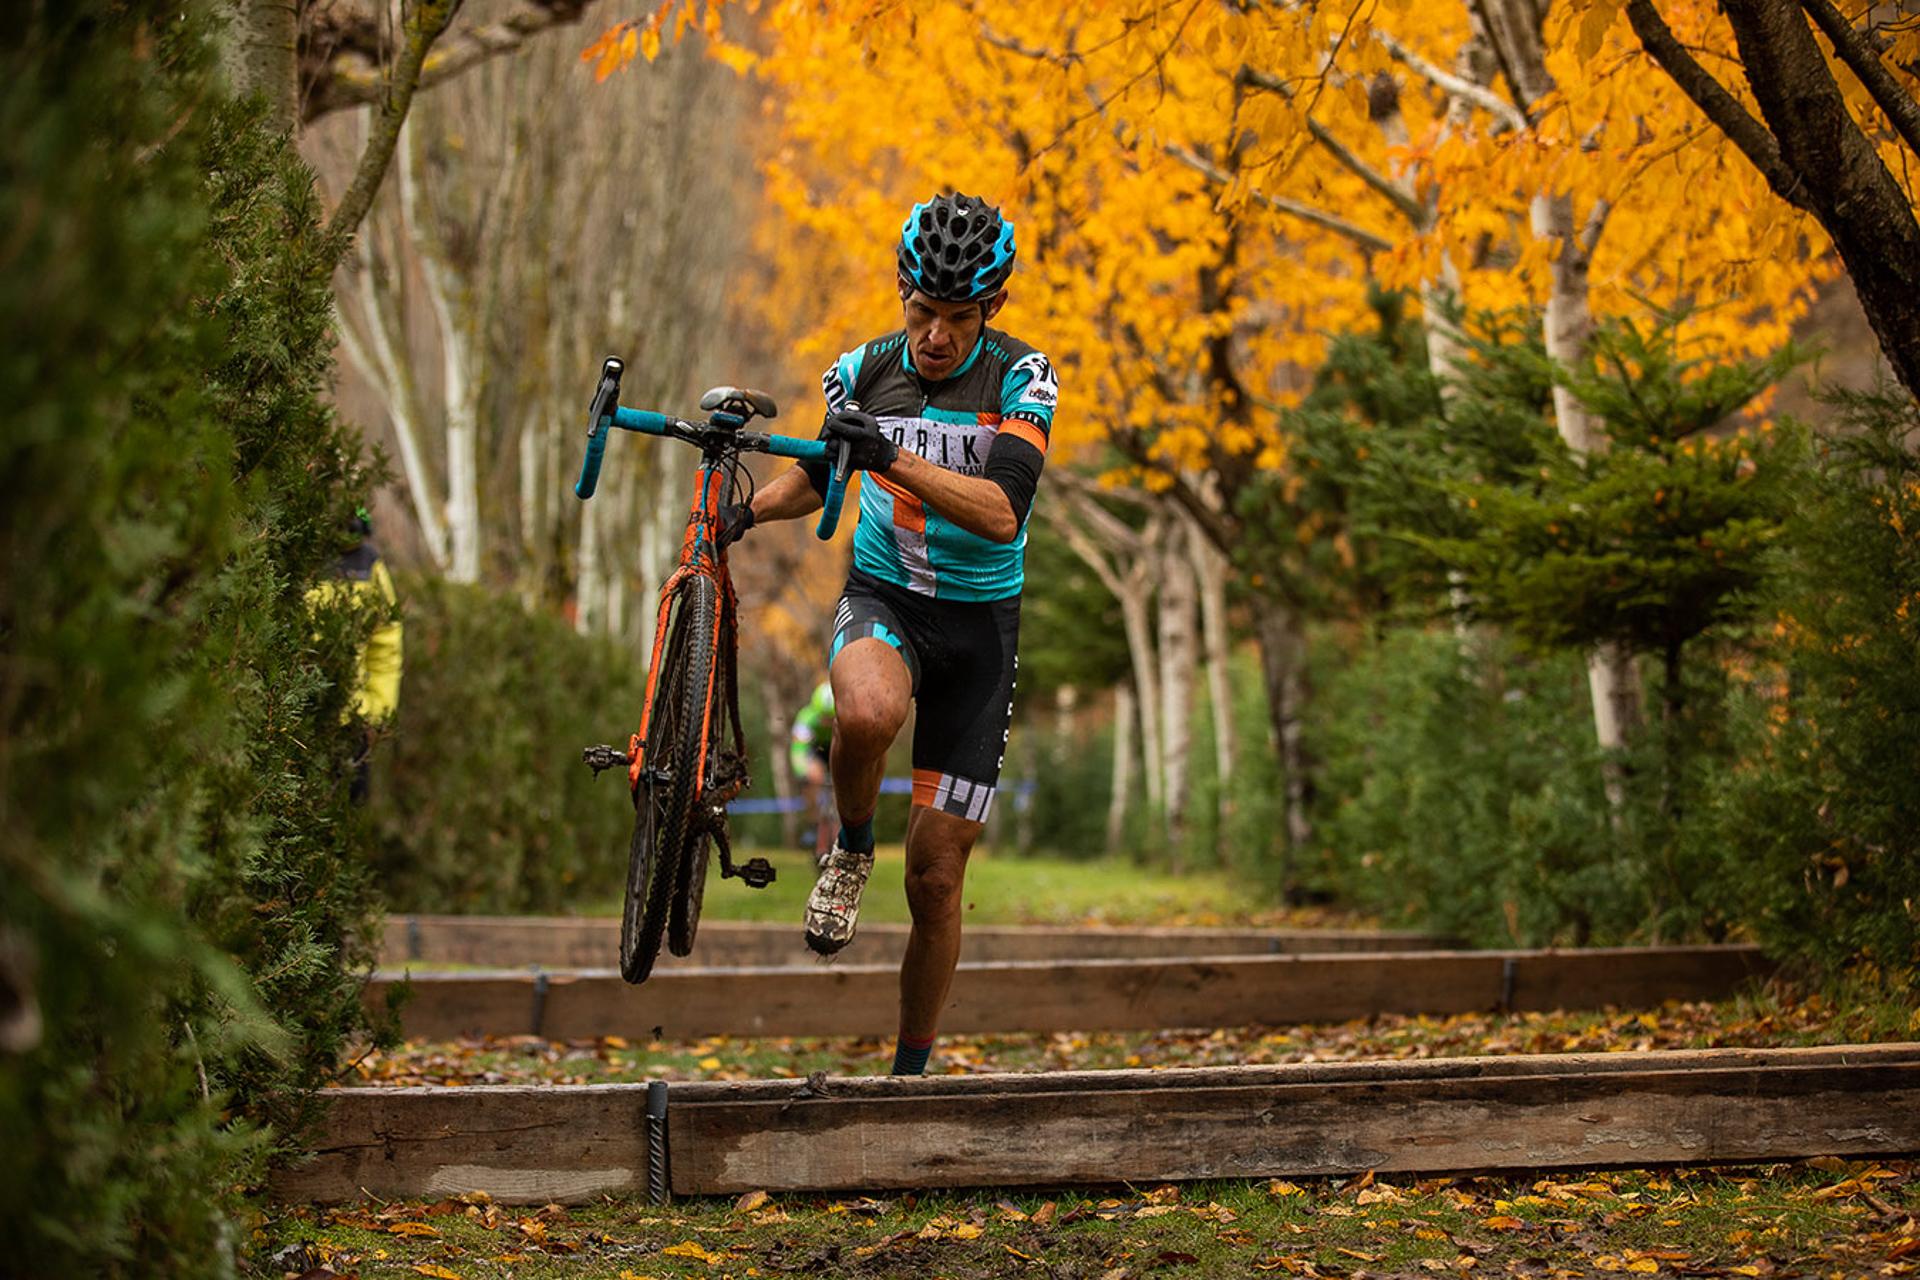 sergio bike superando obstáculos durante una carrera de ciclismo con su bicicleta cogida